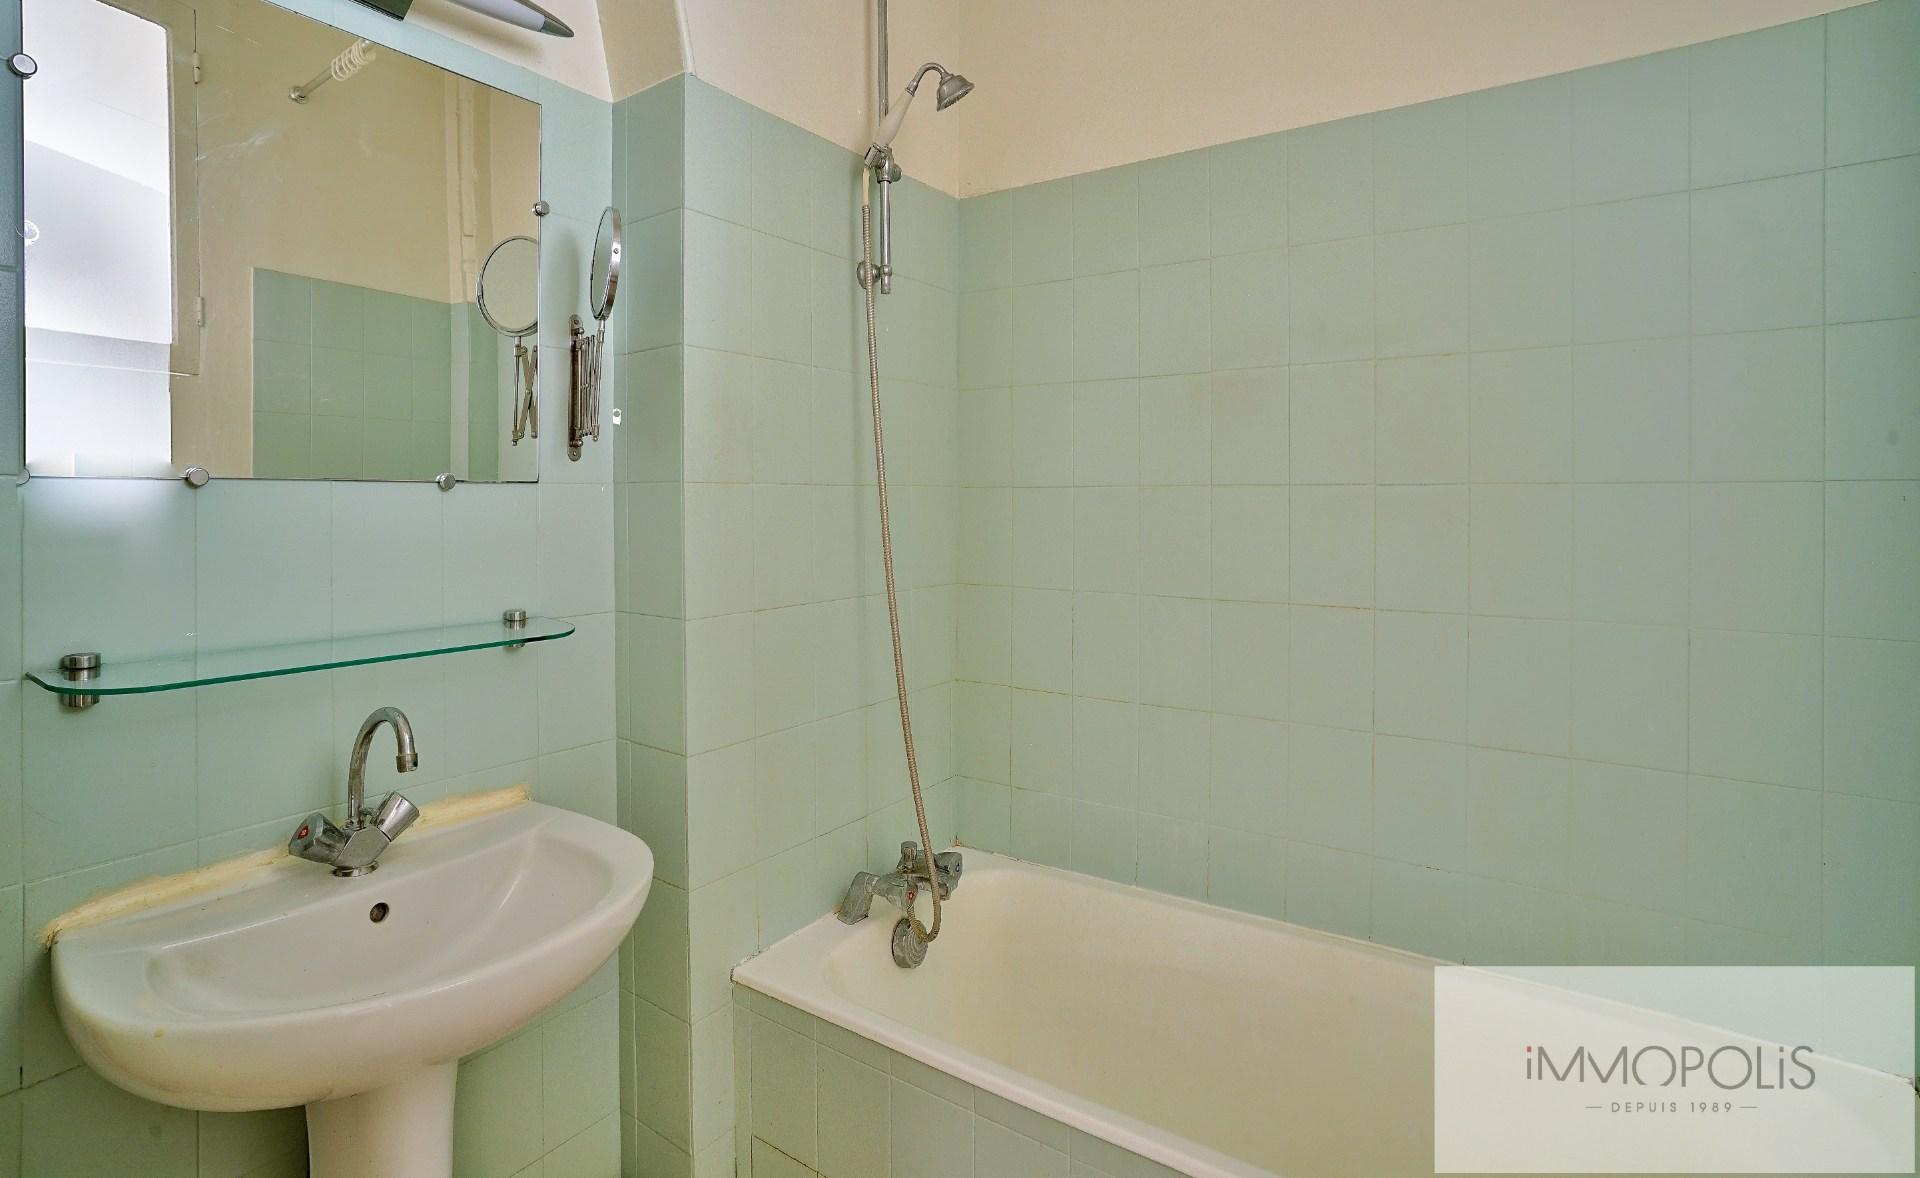 2 pièces 46 m2 – Rue Lamarck  – métro Guy Moquet 6